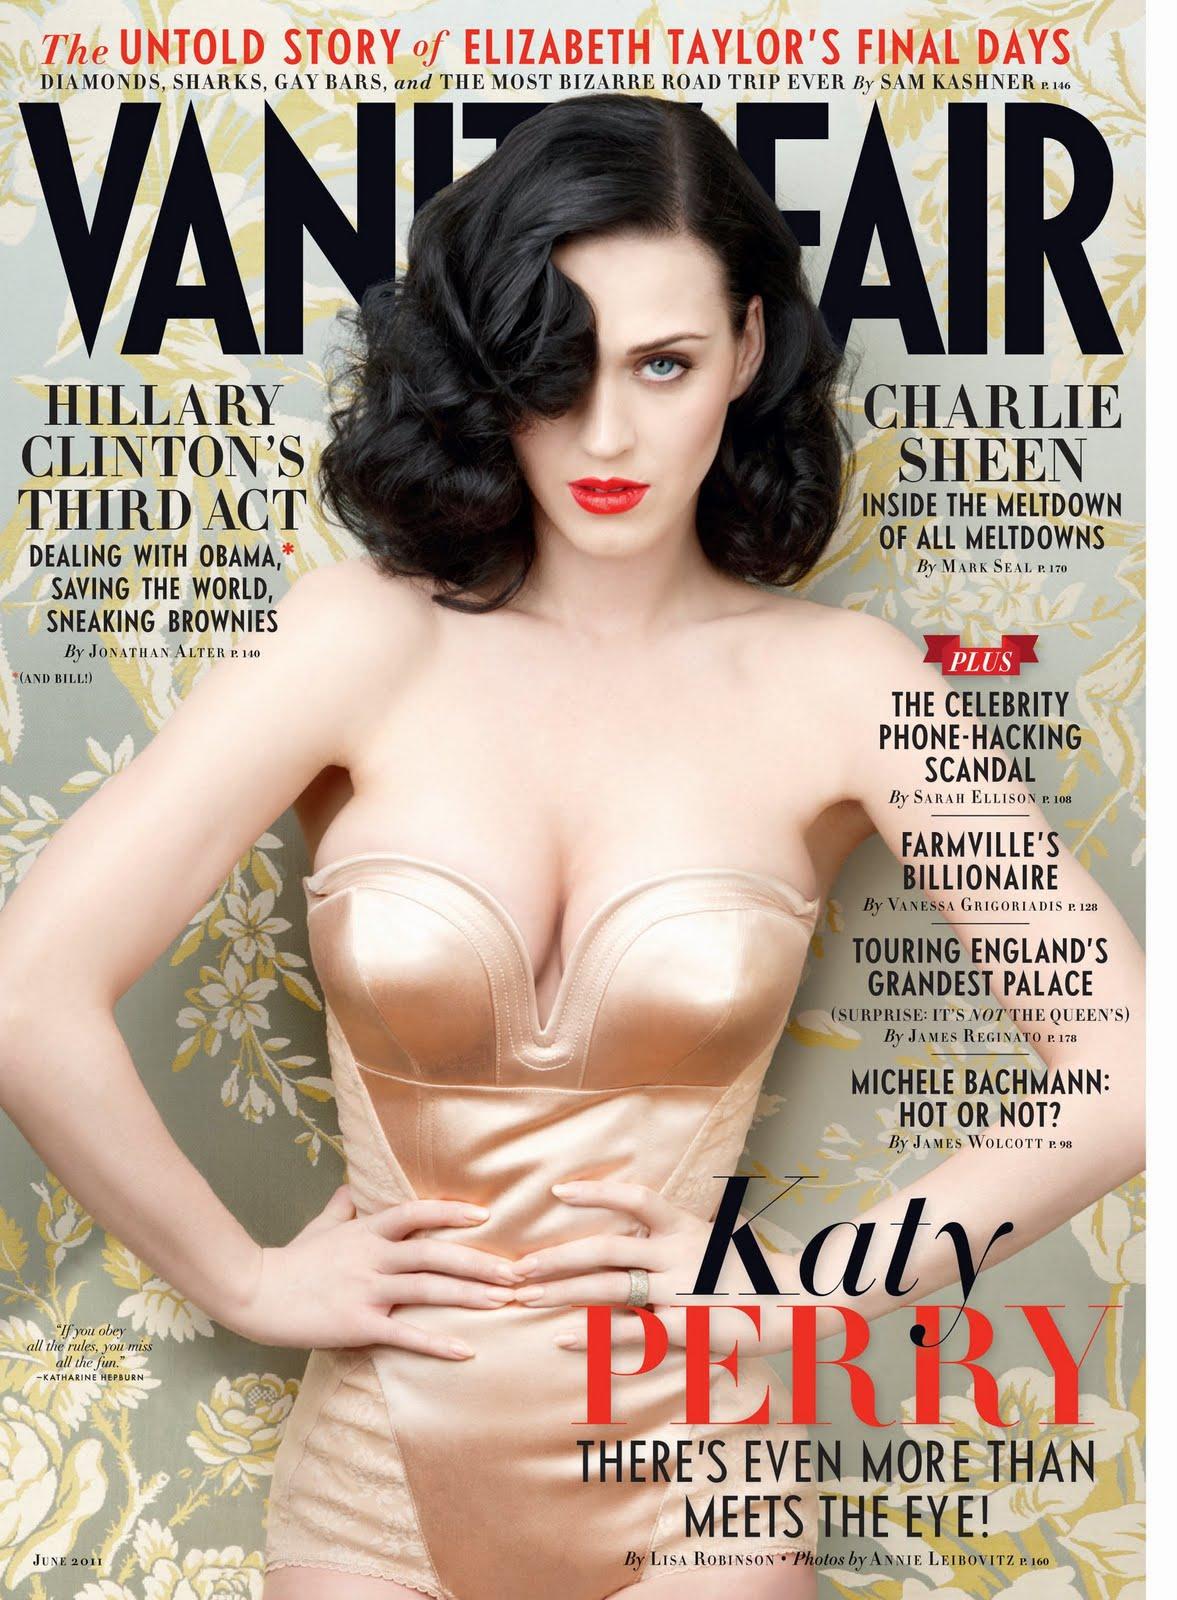 http://4.bp.blogspot.com/-UjuVWQju1gA/Tc1uRxk5ECI/AAAAAAAACgU/lfm85L2fEM0/s1600/Katy+Perry+-+Vanity+Fair.jpg